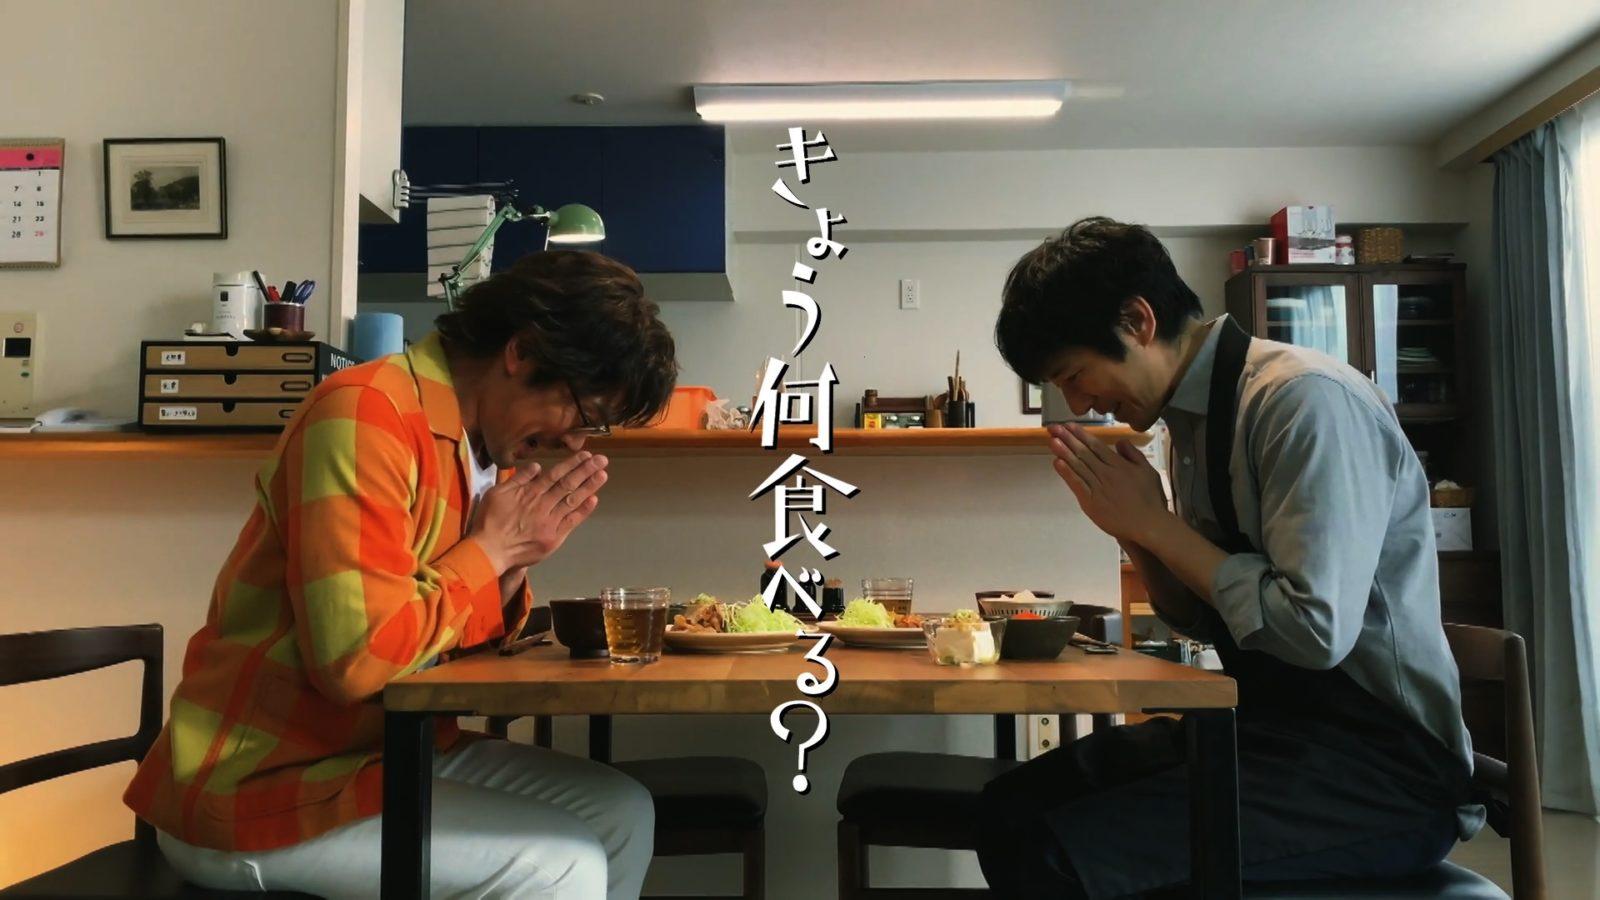 西島秀俊&内野聖陽『きのう何食べた?』、待望のレシピ動画が公開サムネイル画像